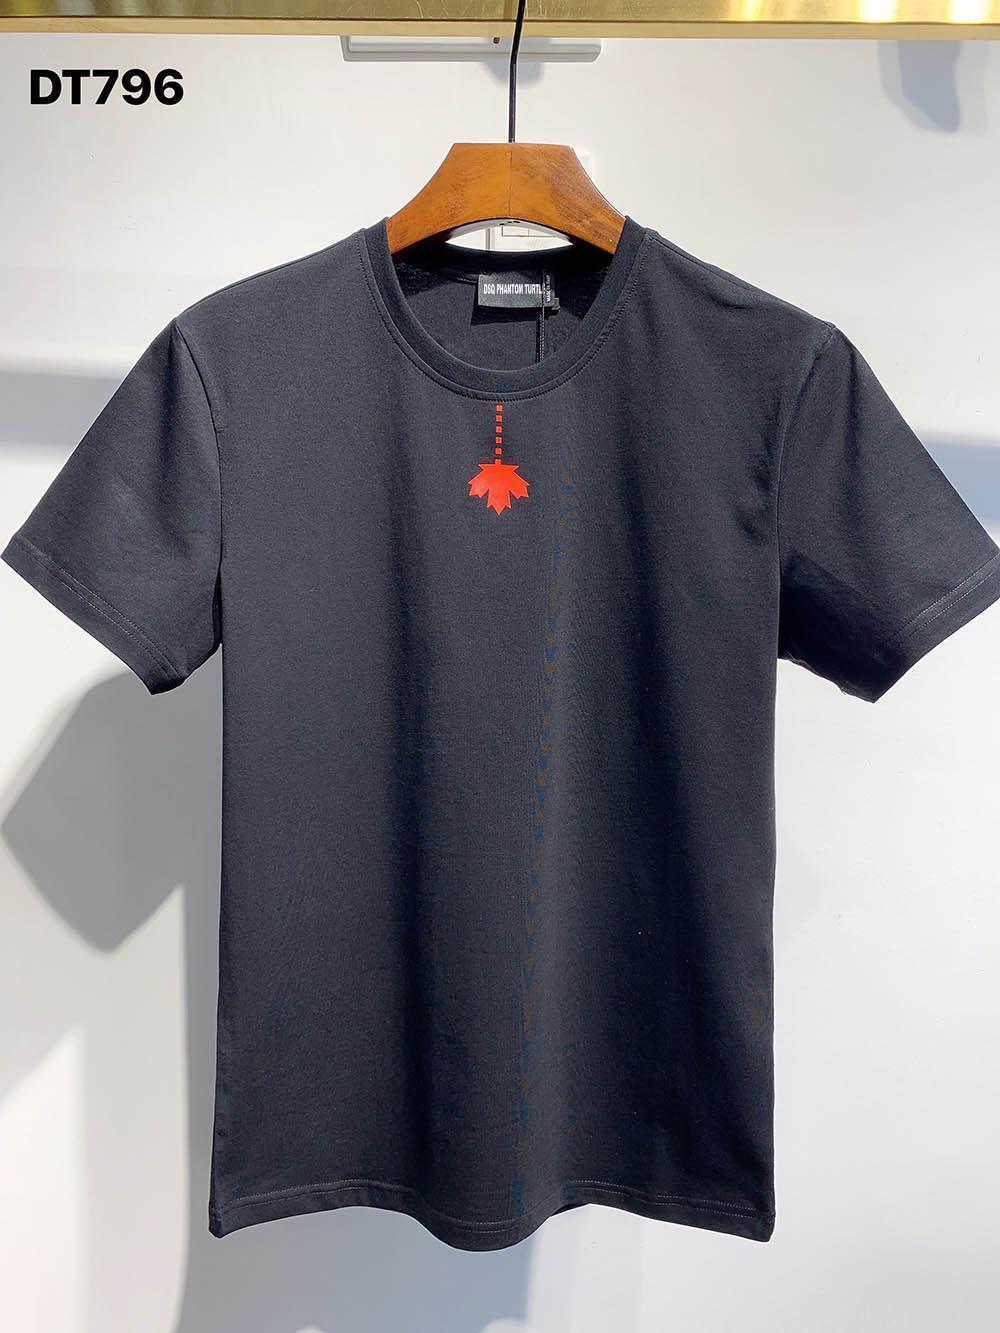 DSQ Phantom Turtle 2021ss New Mens Designer T-shirt Paris Mode T-shirts Été DSQ Modèle T-shirt Homme Top Qualité 100% coton Top 1043